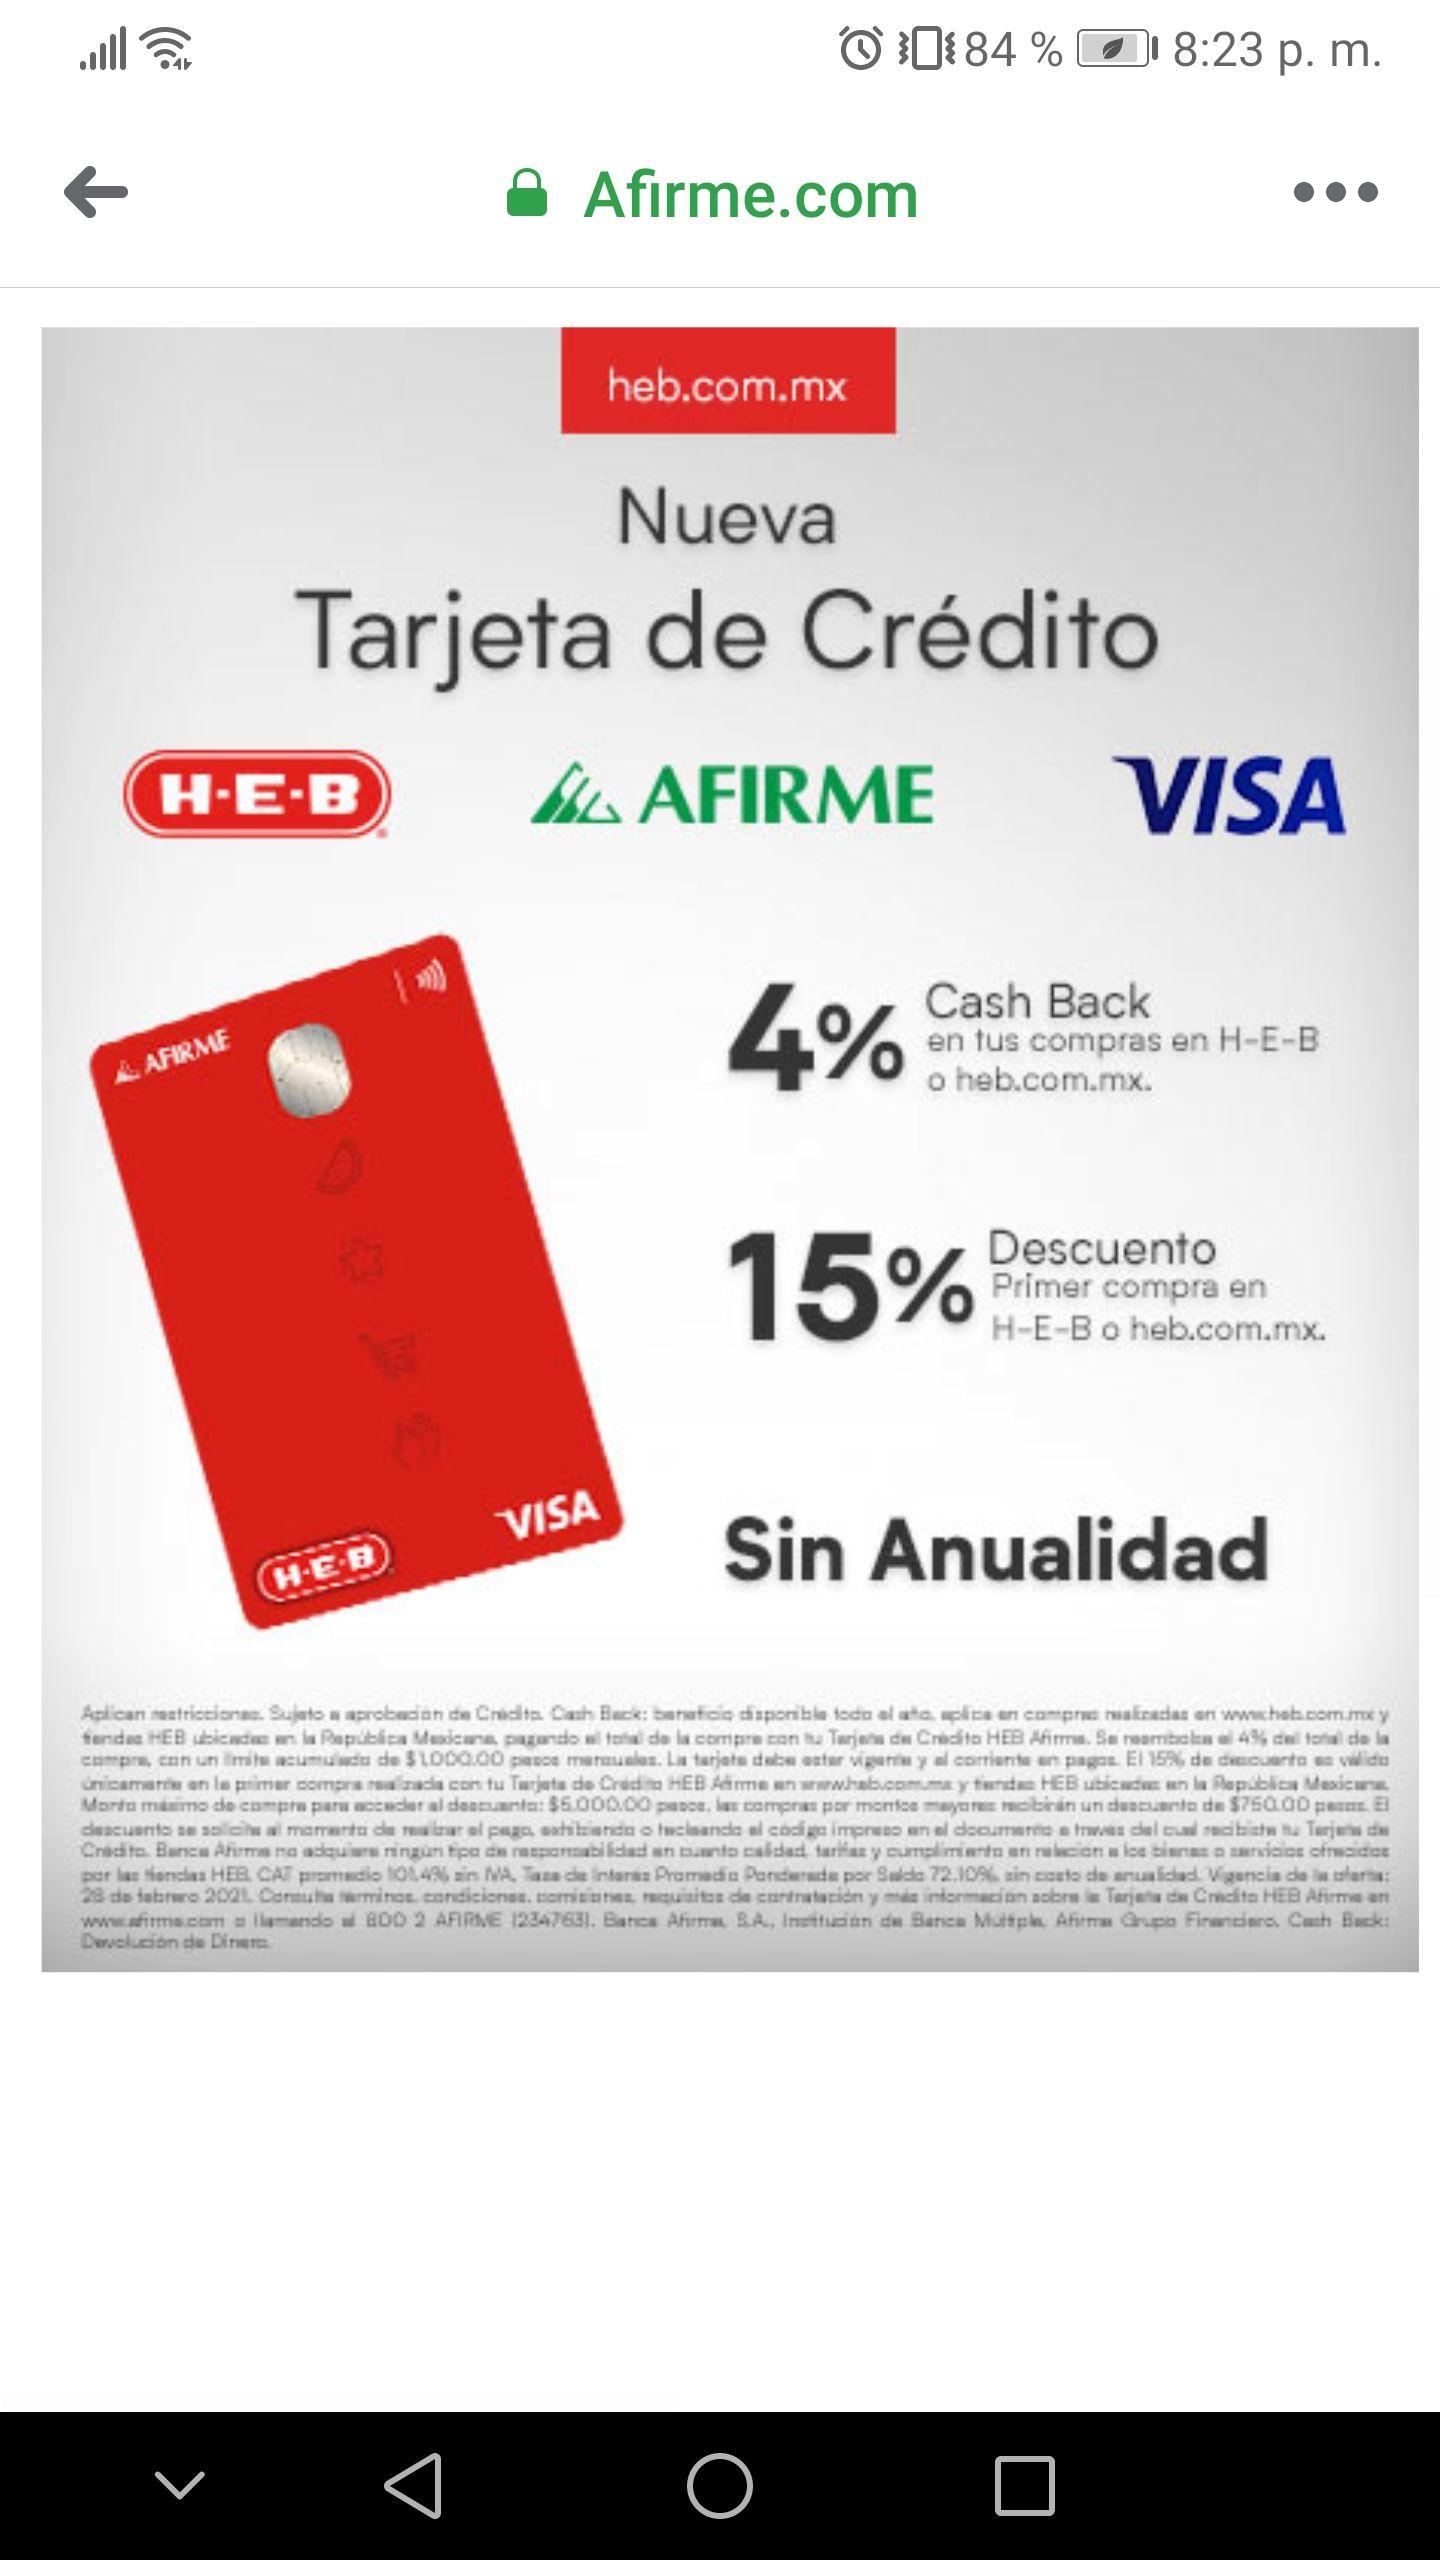 HEB y Afirme: nueva tarjeta de crédito con beneficios exclusivos para compras en HEB más otros beneficios (ver imágen)